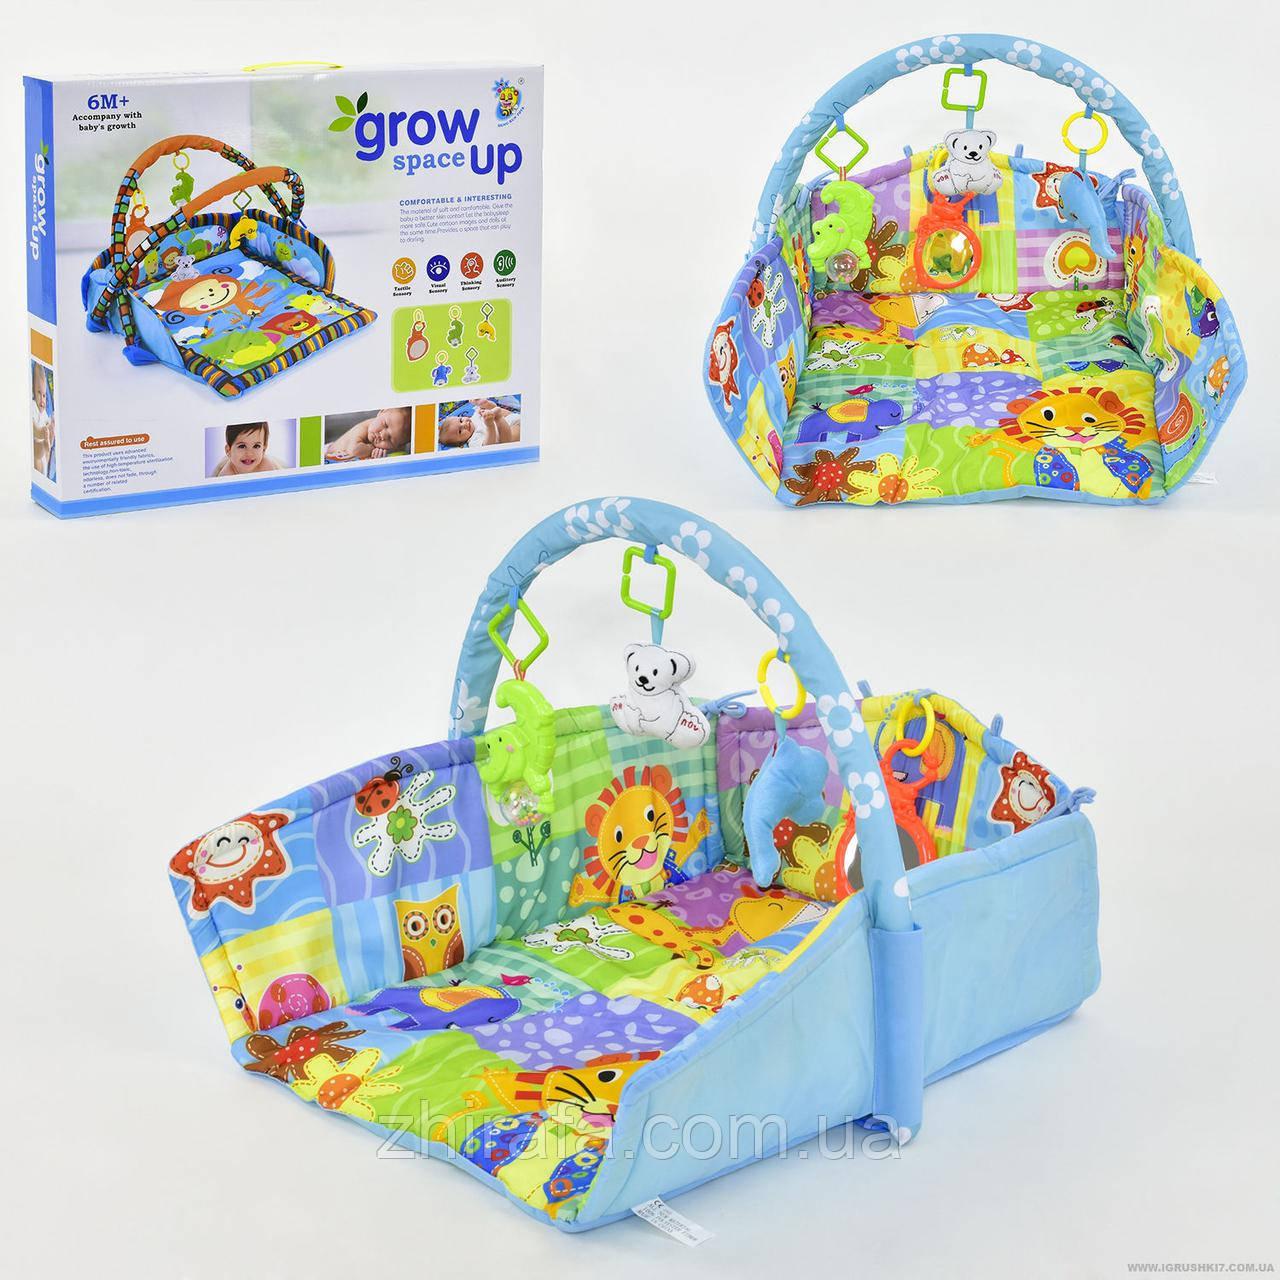 Игровой Развивающий коврик для младенцев с бортиками Grow space up